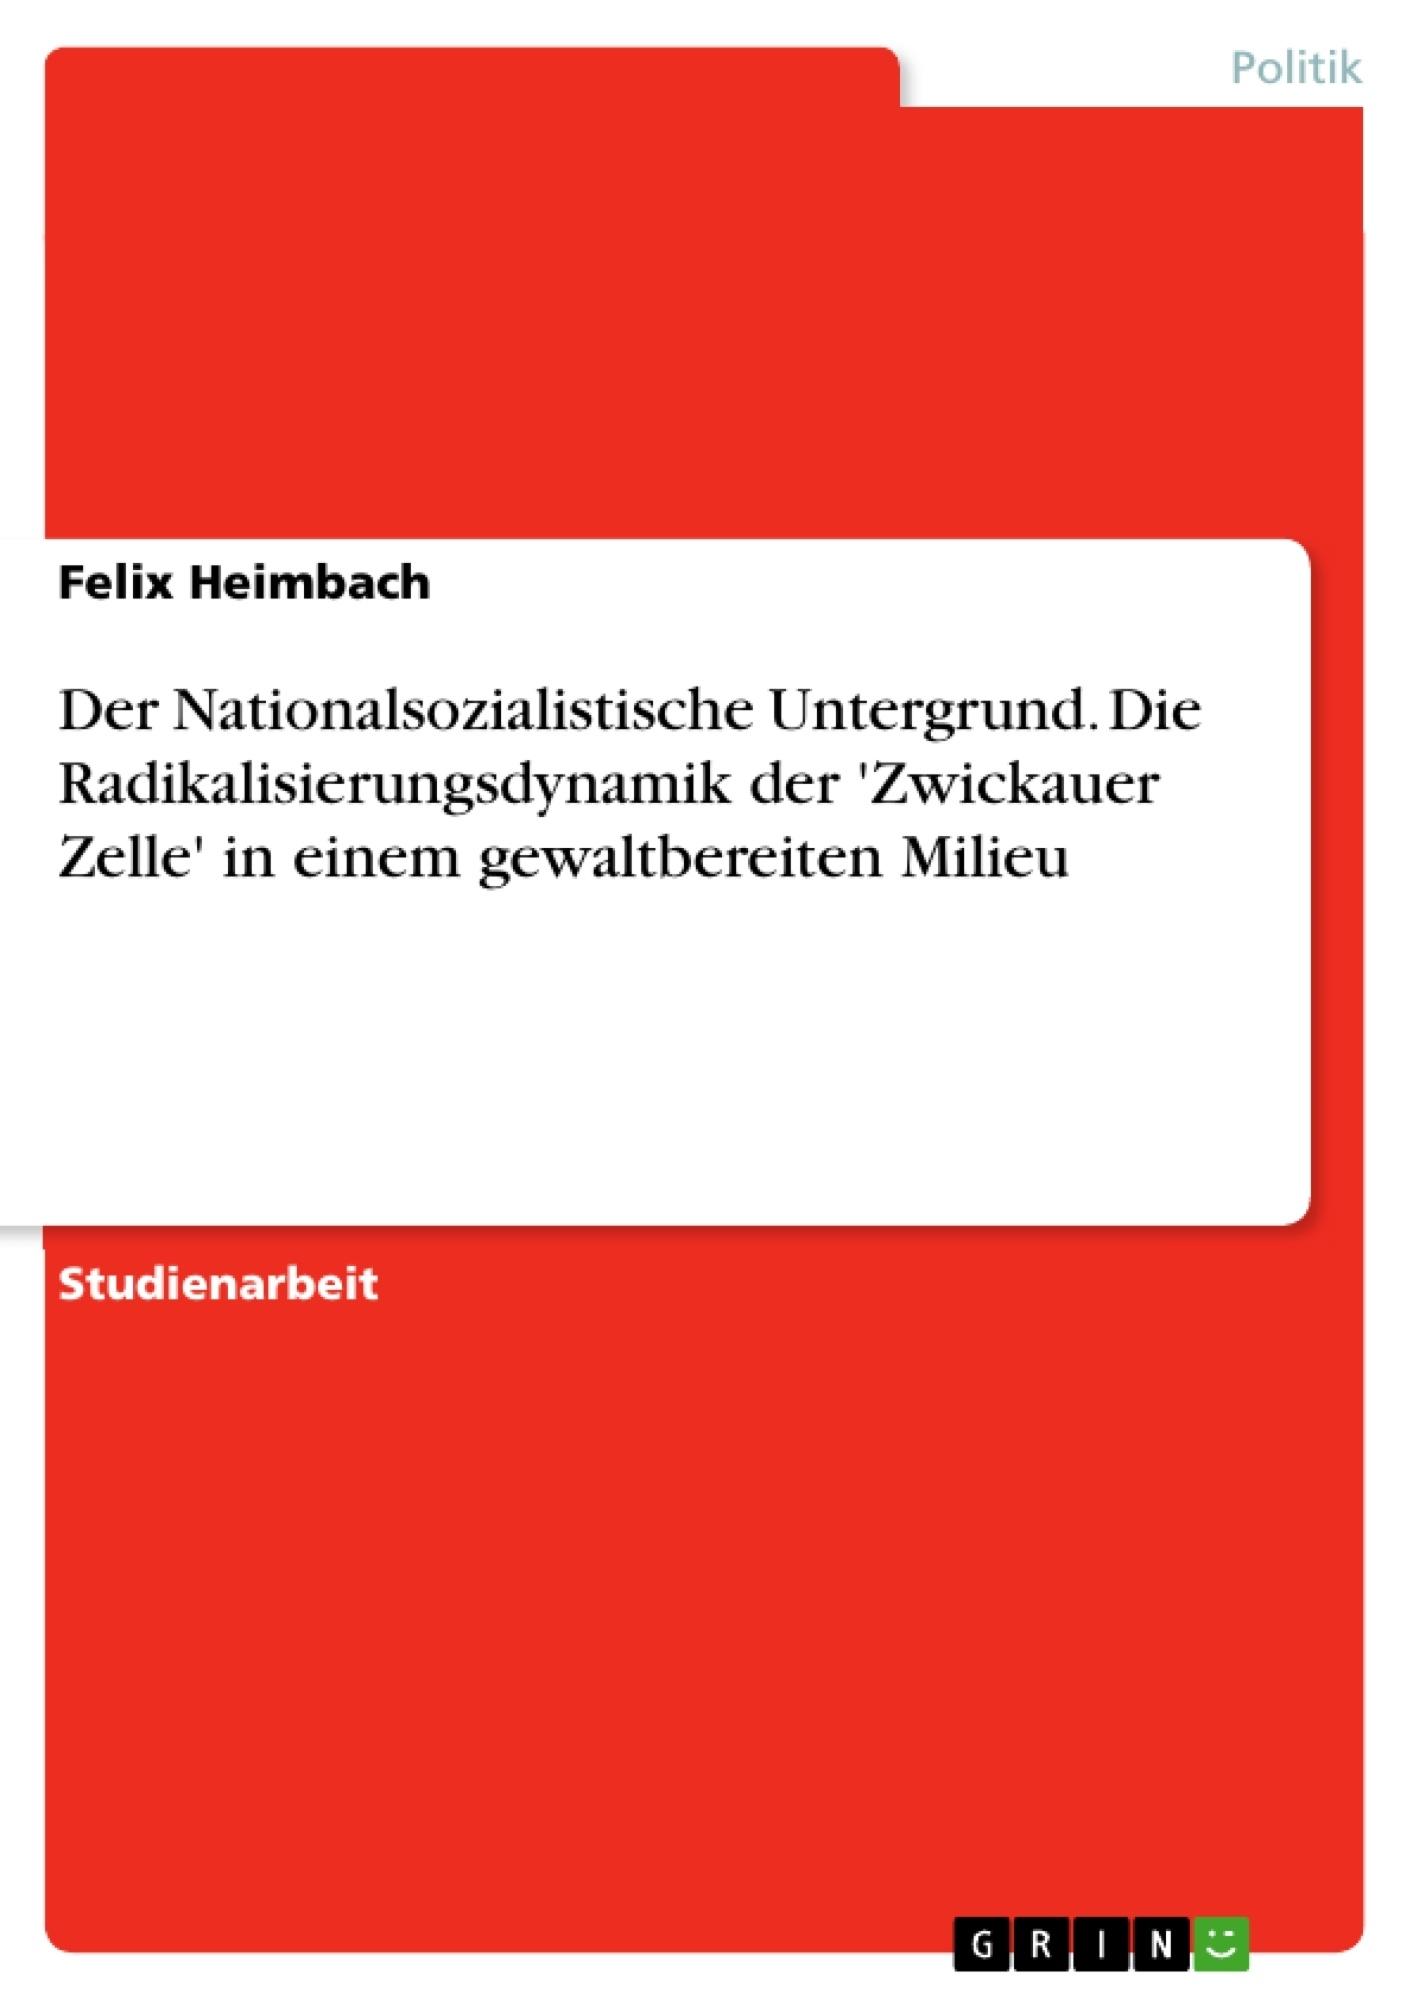 Titel: Der Nationalsozialistische Untergrund. Die Radikalisierungsdynamik der 'Zwickauer Zelle' in einem gewaltbereiten Milieu